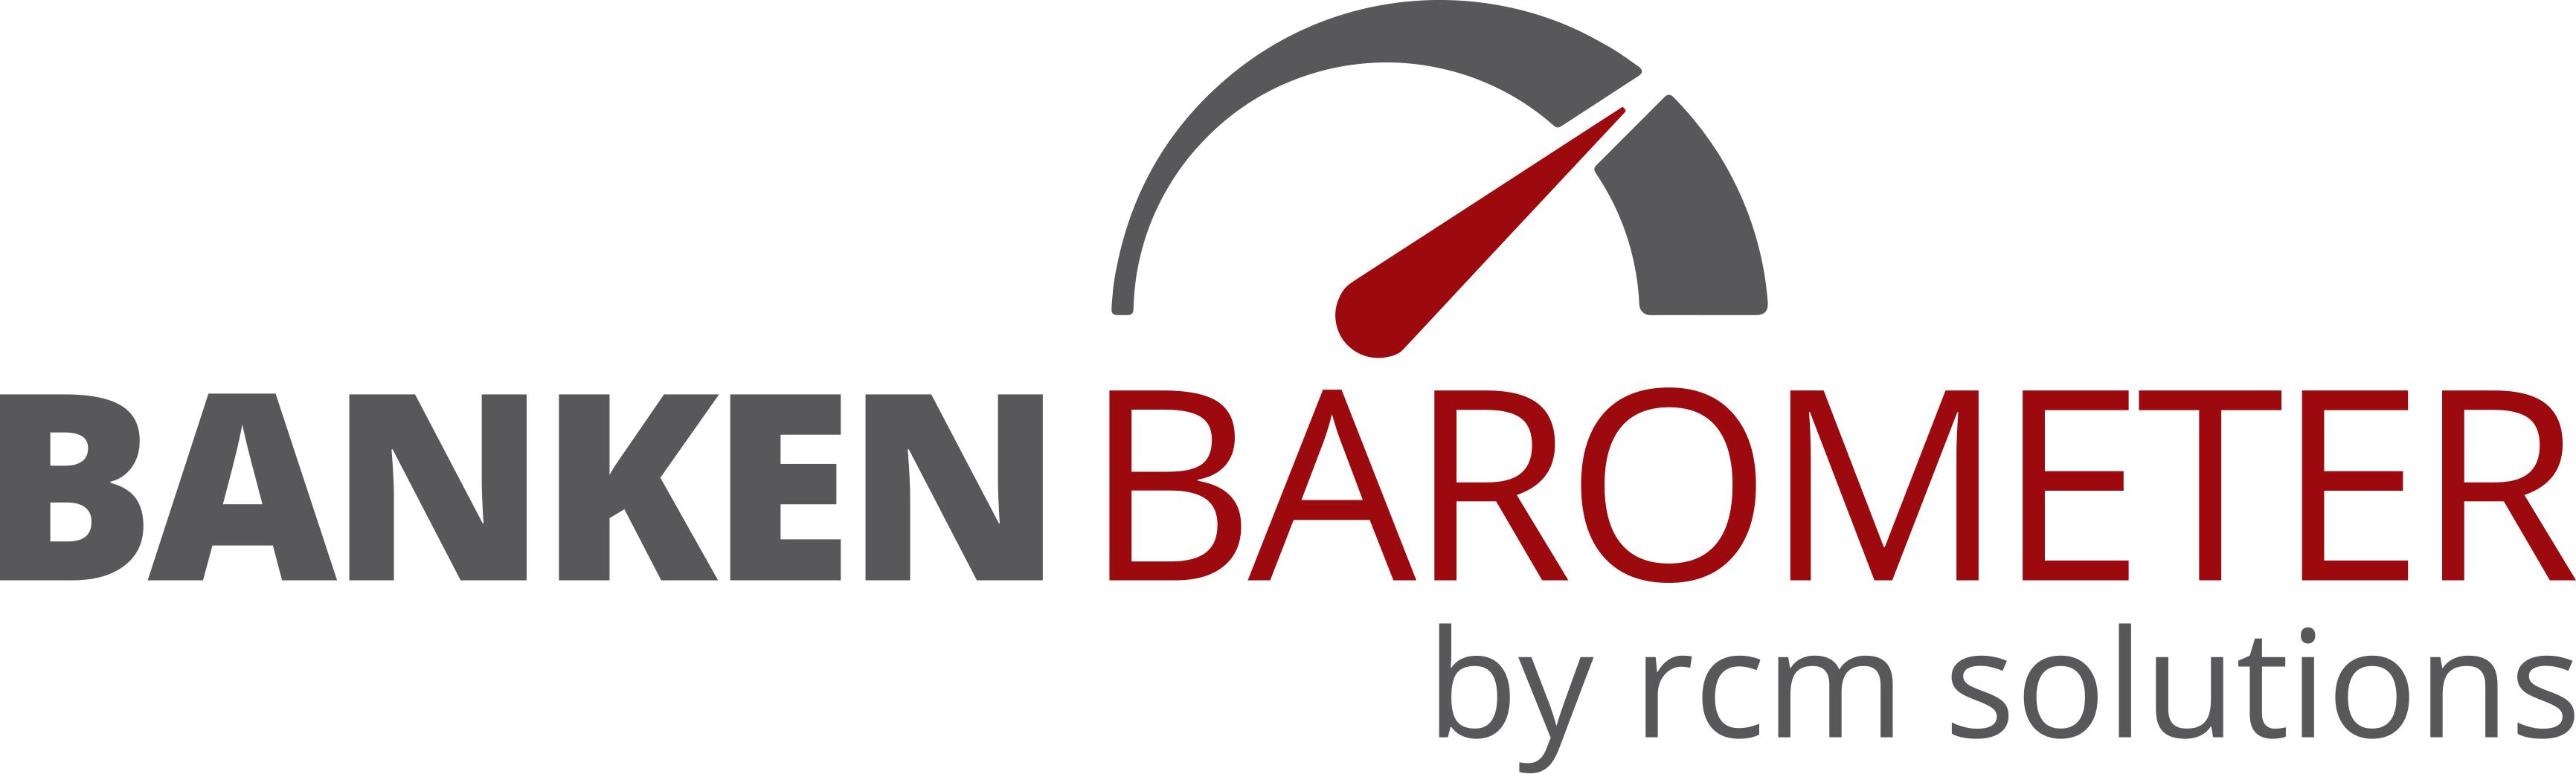 rcm-Bankenbarometer